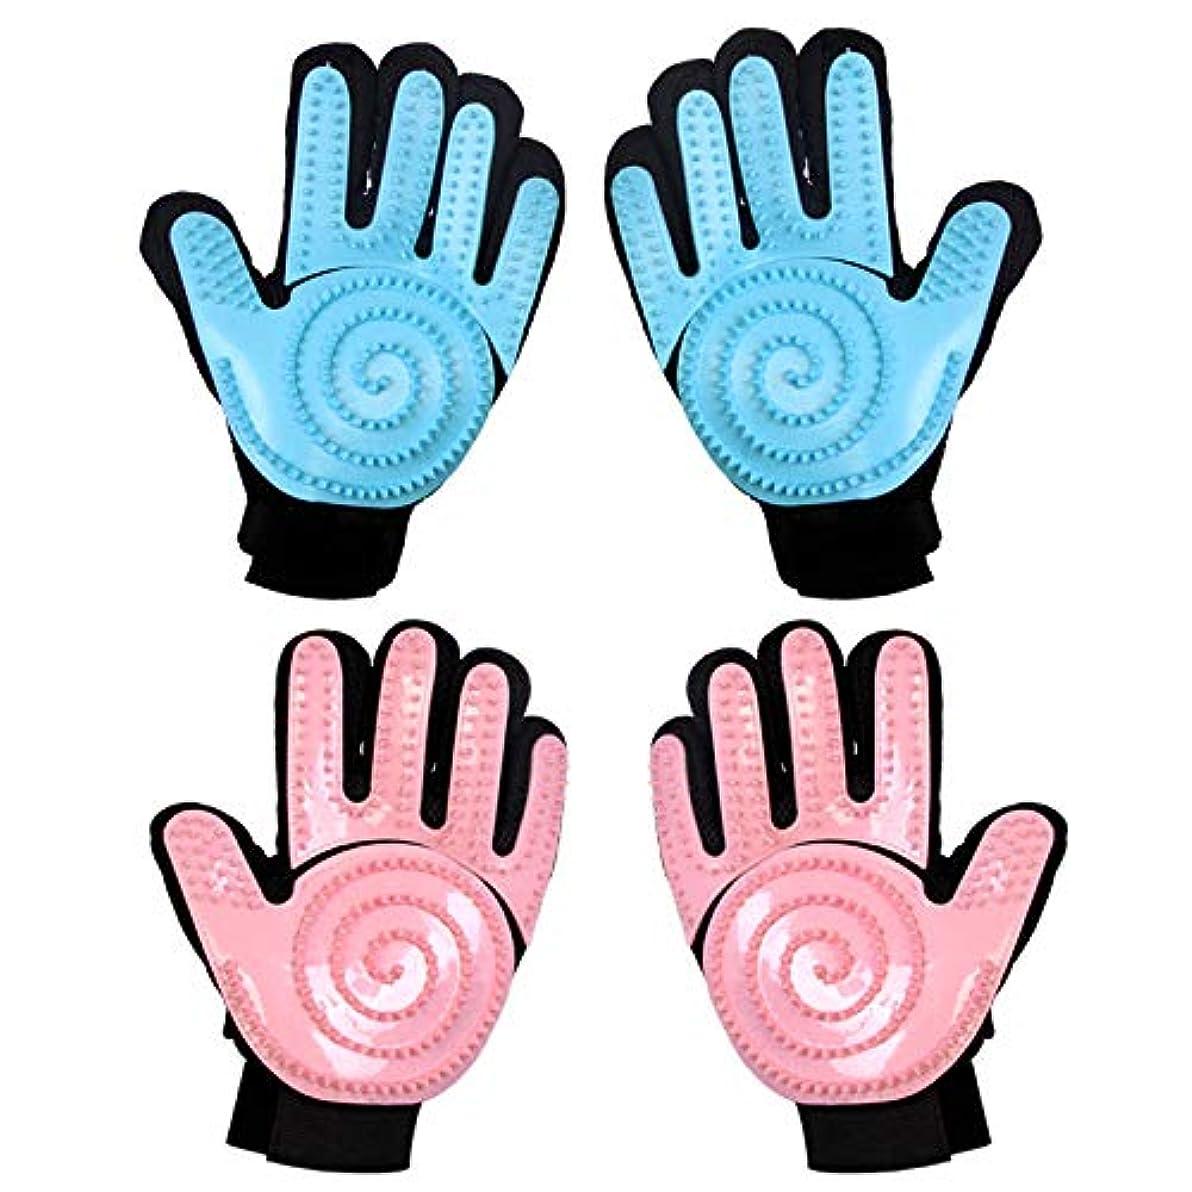 学習大通り機関車BTXXYJP 手袋 ペット ブラシ グローブ 猫 ブラシ クリーナー 抜け毛取り マッサージブラシ 犬 グローブ ペット毛取りブラシ お手入れ (Color : Pink, Style : Right hand)